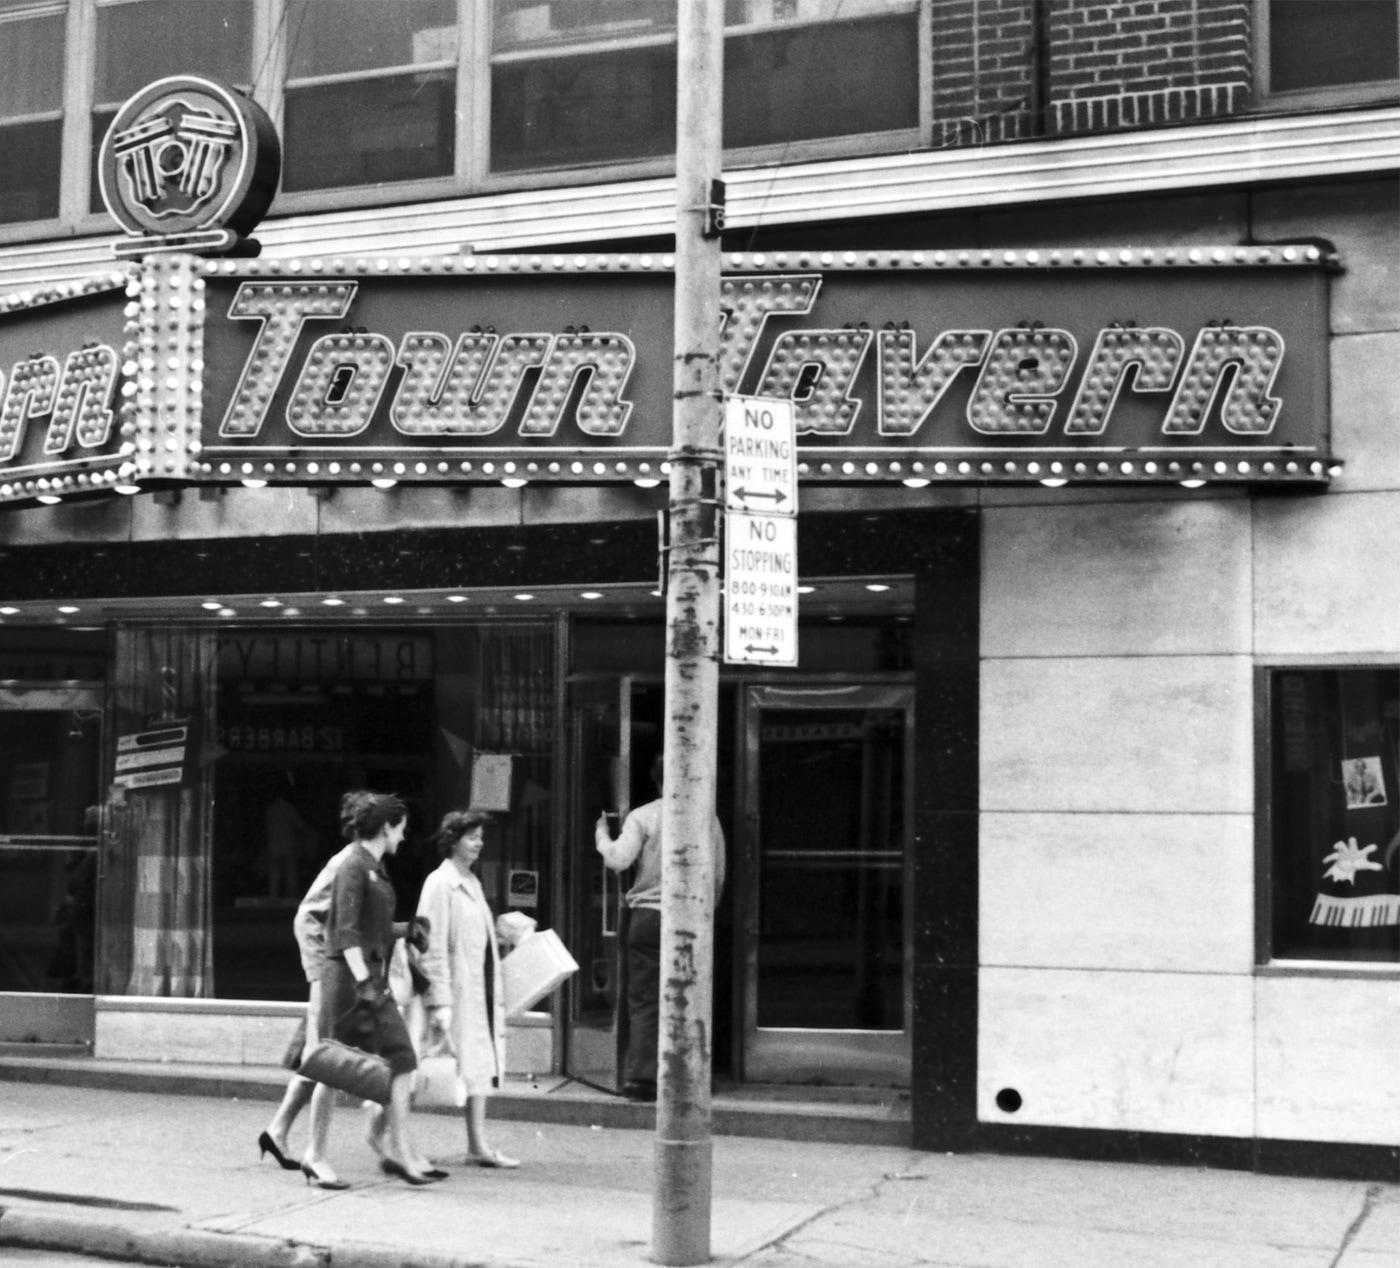 Deux personnes marchent sur un trottoir devant une façade de bâtiment urbain. Au centre, il y a une entrée avec un panneau indiquant «Town Tavern».